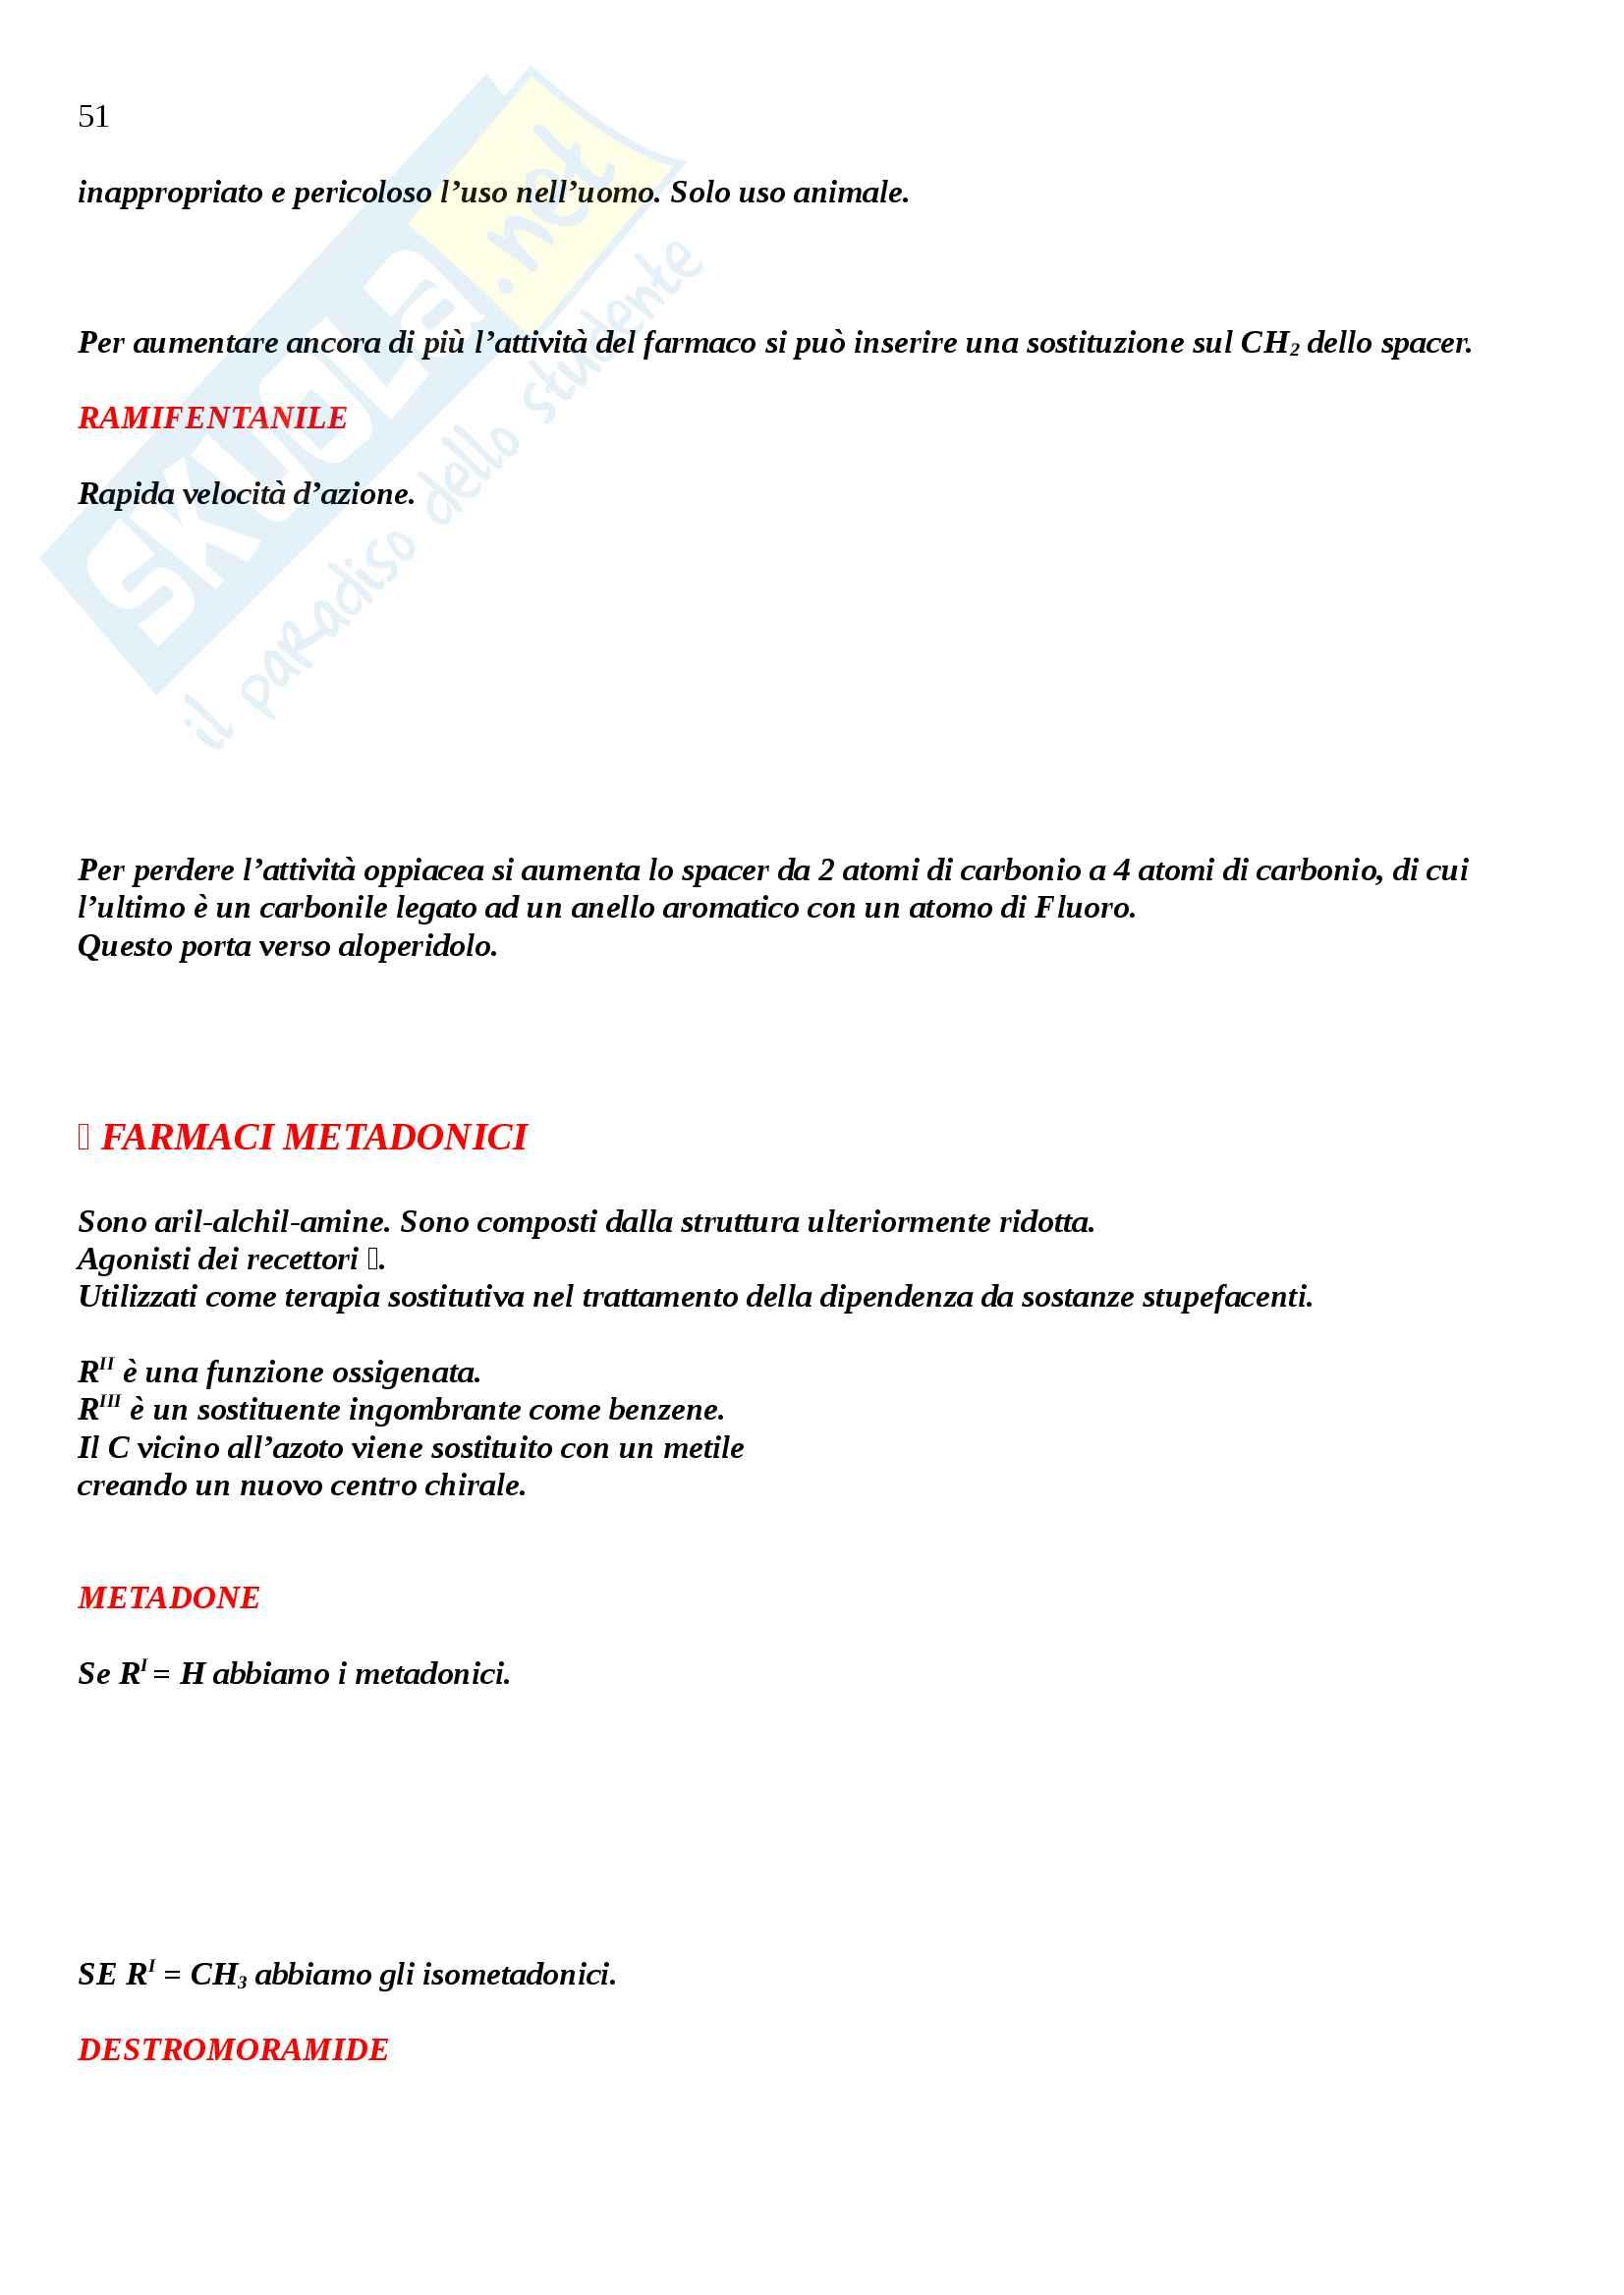 Chimica farmaceutica 2 Pag. 51